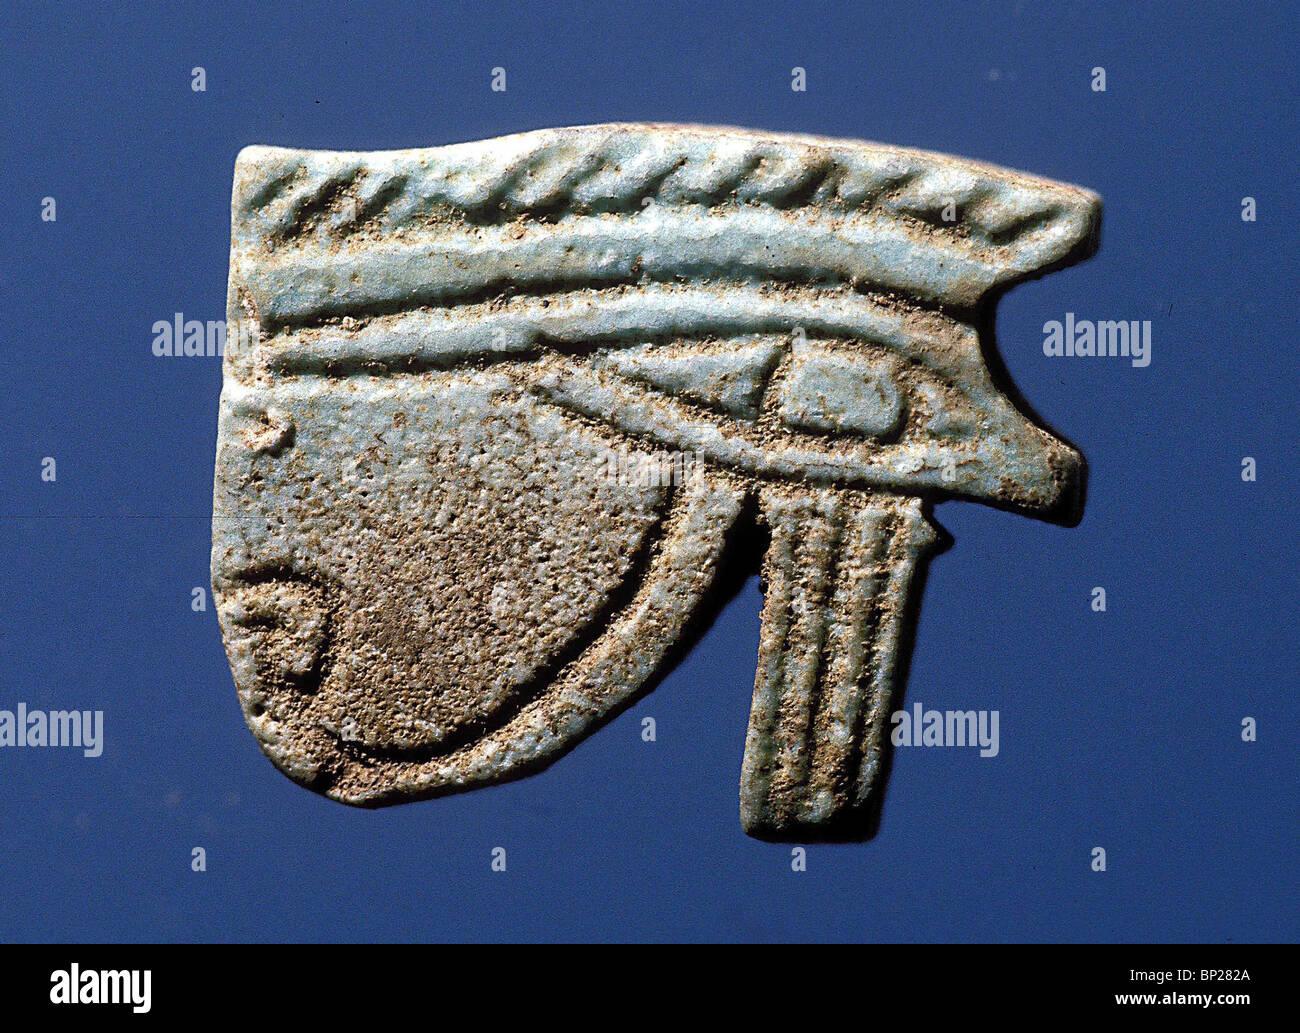 """1795. """"UDJAY AUGE"""" DES GOTTES HORUS, WAR EINE BELIEBTE ÄGYPTISCHE AMULETT GETRAGEN ALS SCHUTZ GEGEN Stockbild"""